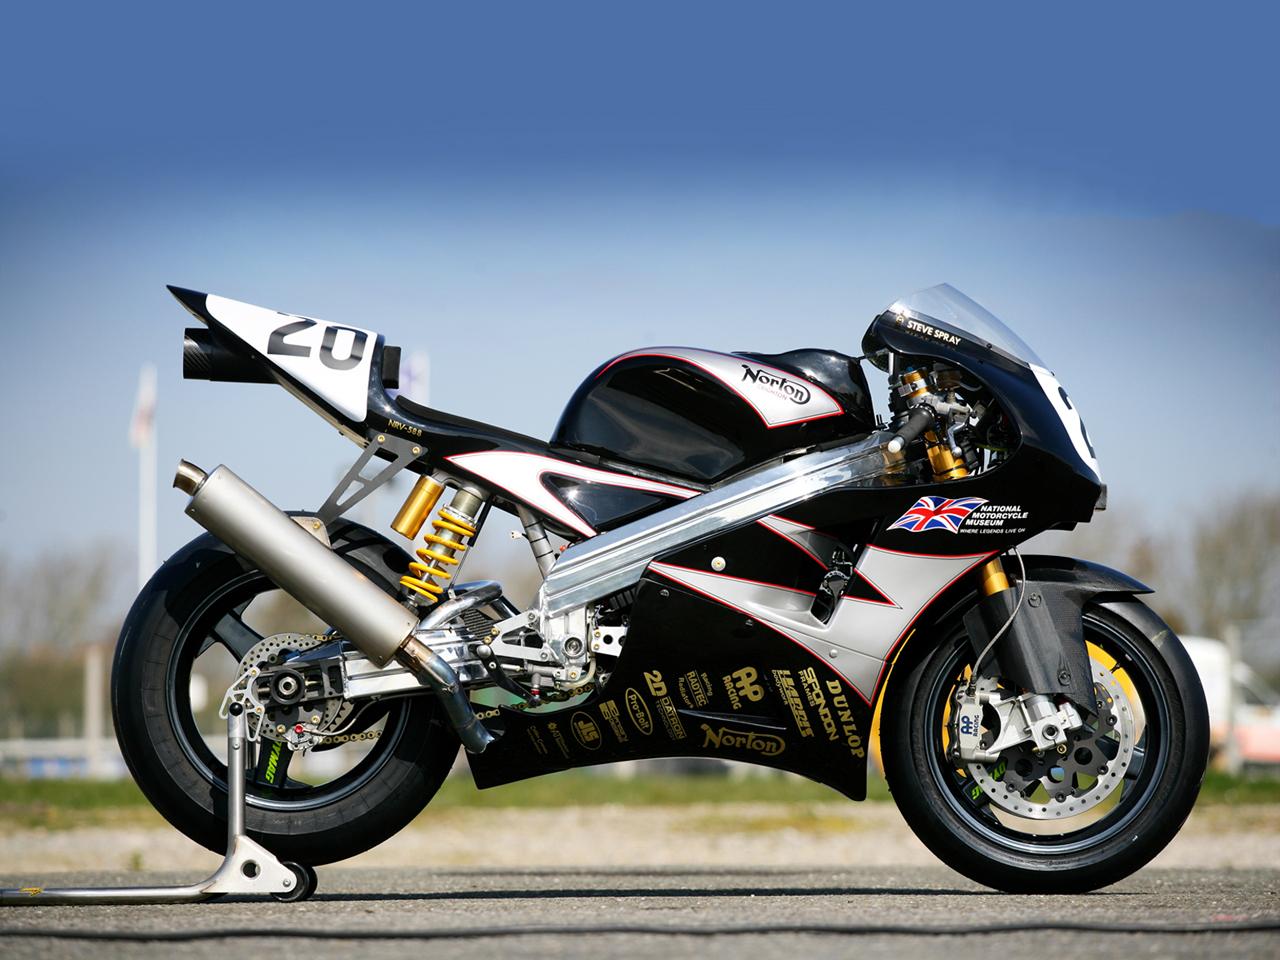 Bộ sưu tập hình nền xe mô tô phân khối lớn đẹp nhất